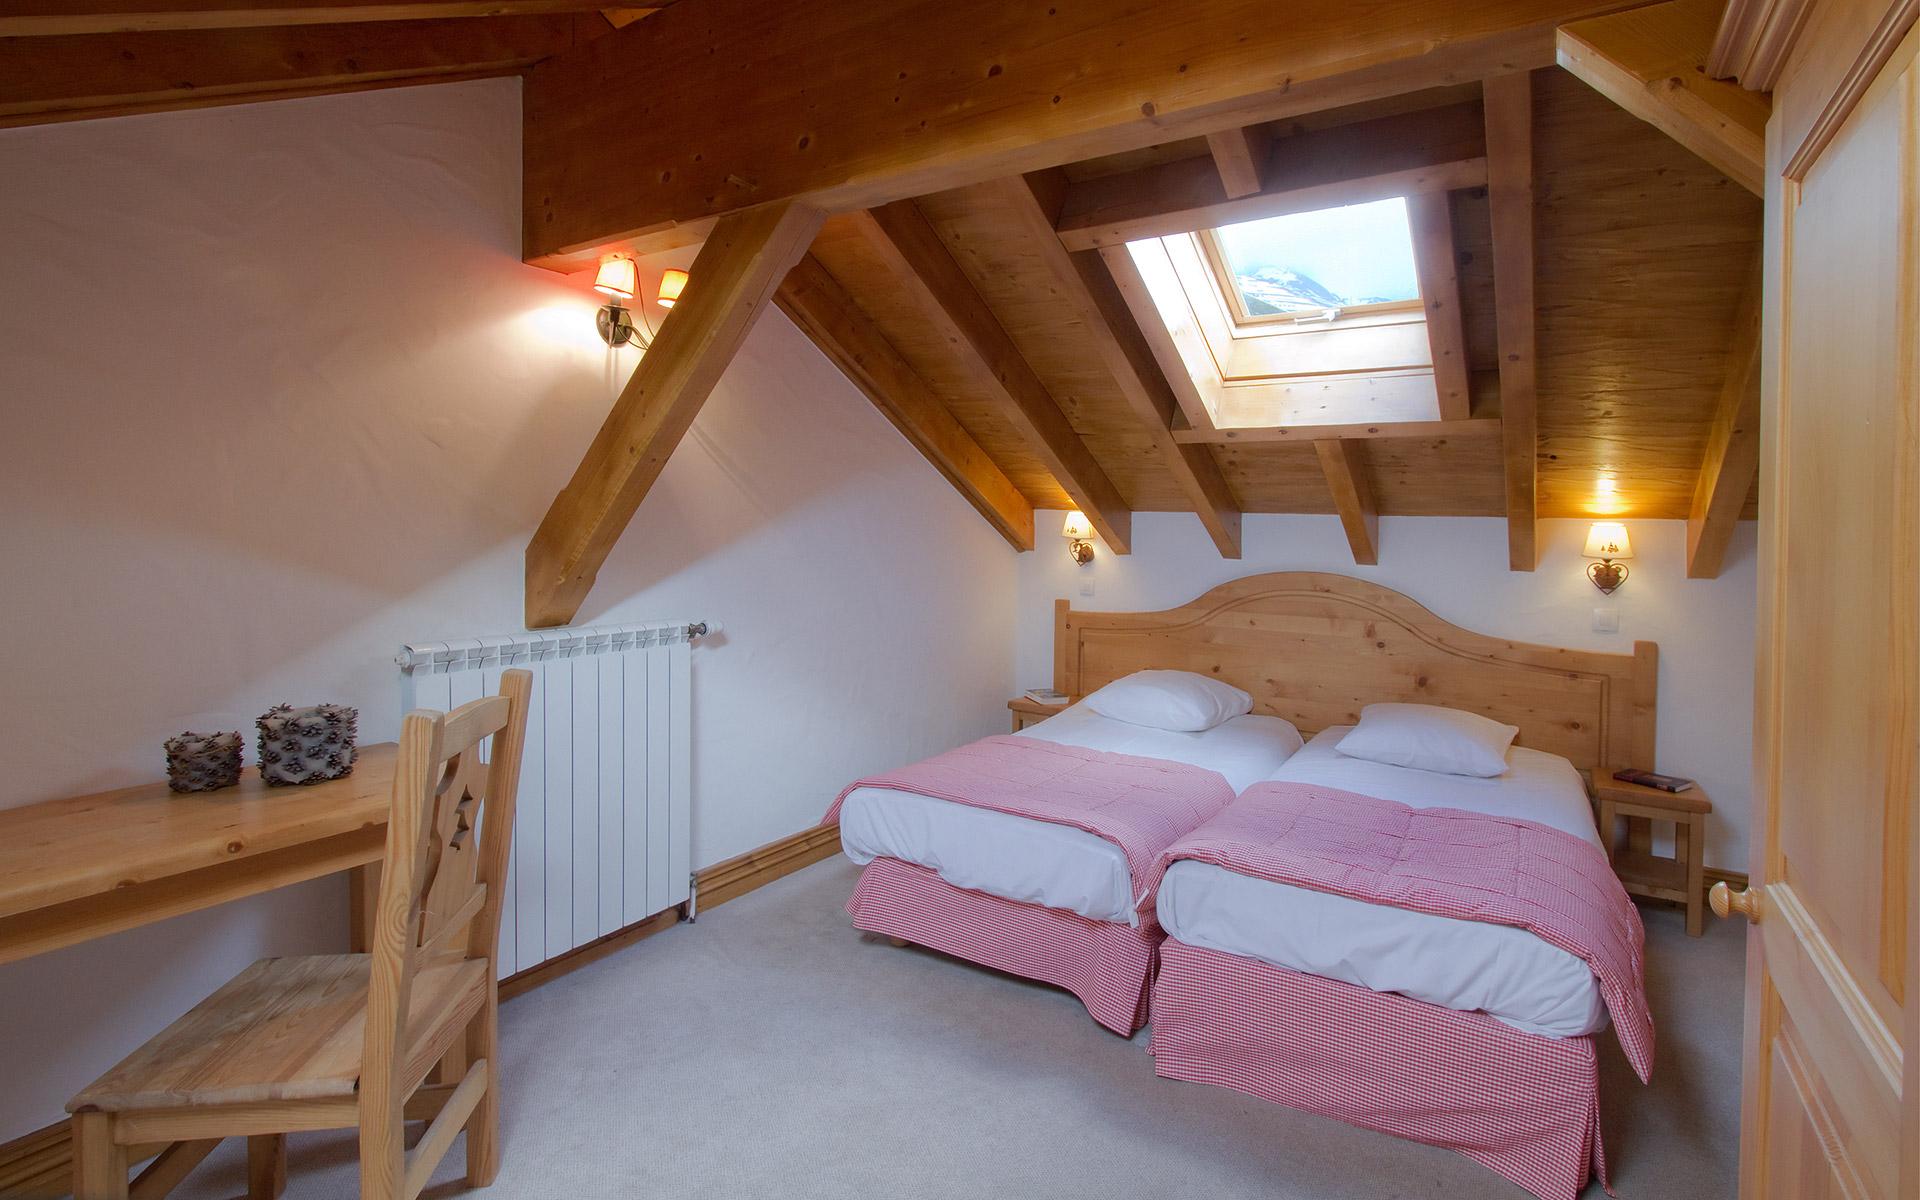 Appartement Sabot de Vénus - Les Balcons de Sarenne aux 2 Alpes